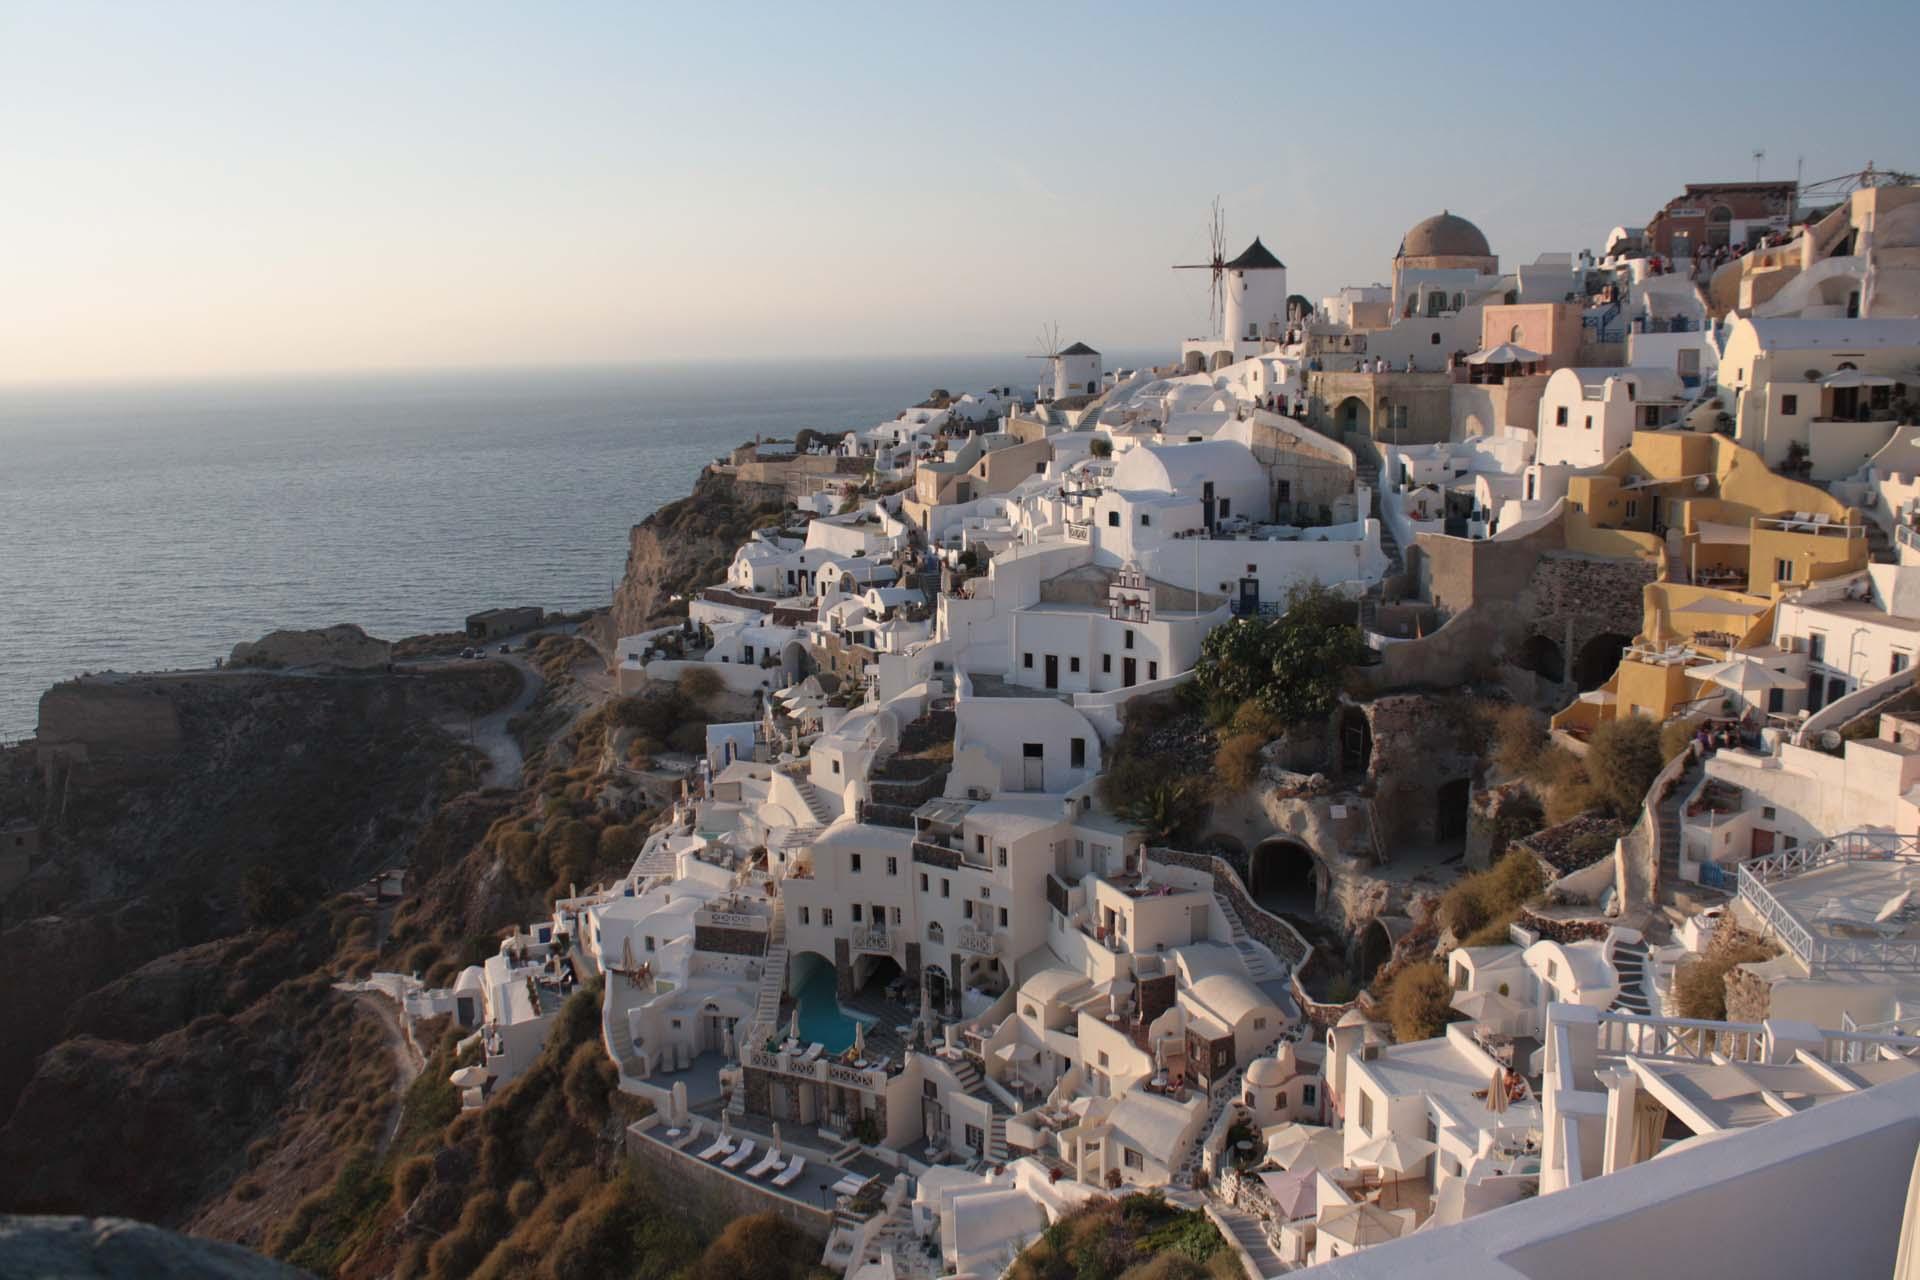 Il tramonto riflesso sulla città di Oia a Santorini case bianche mulini